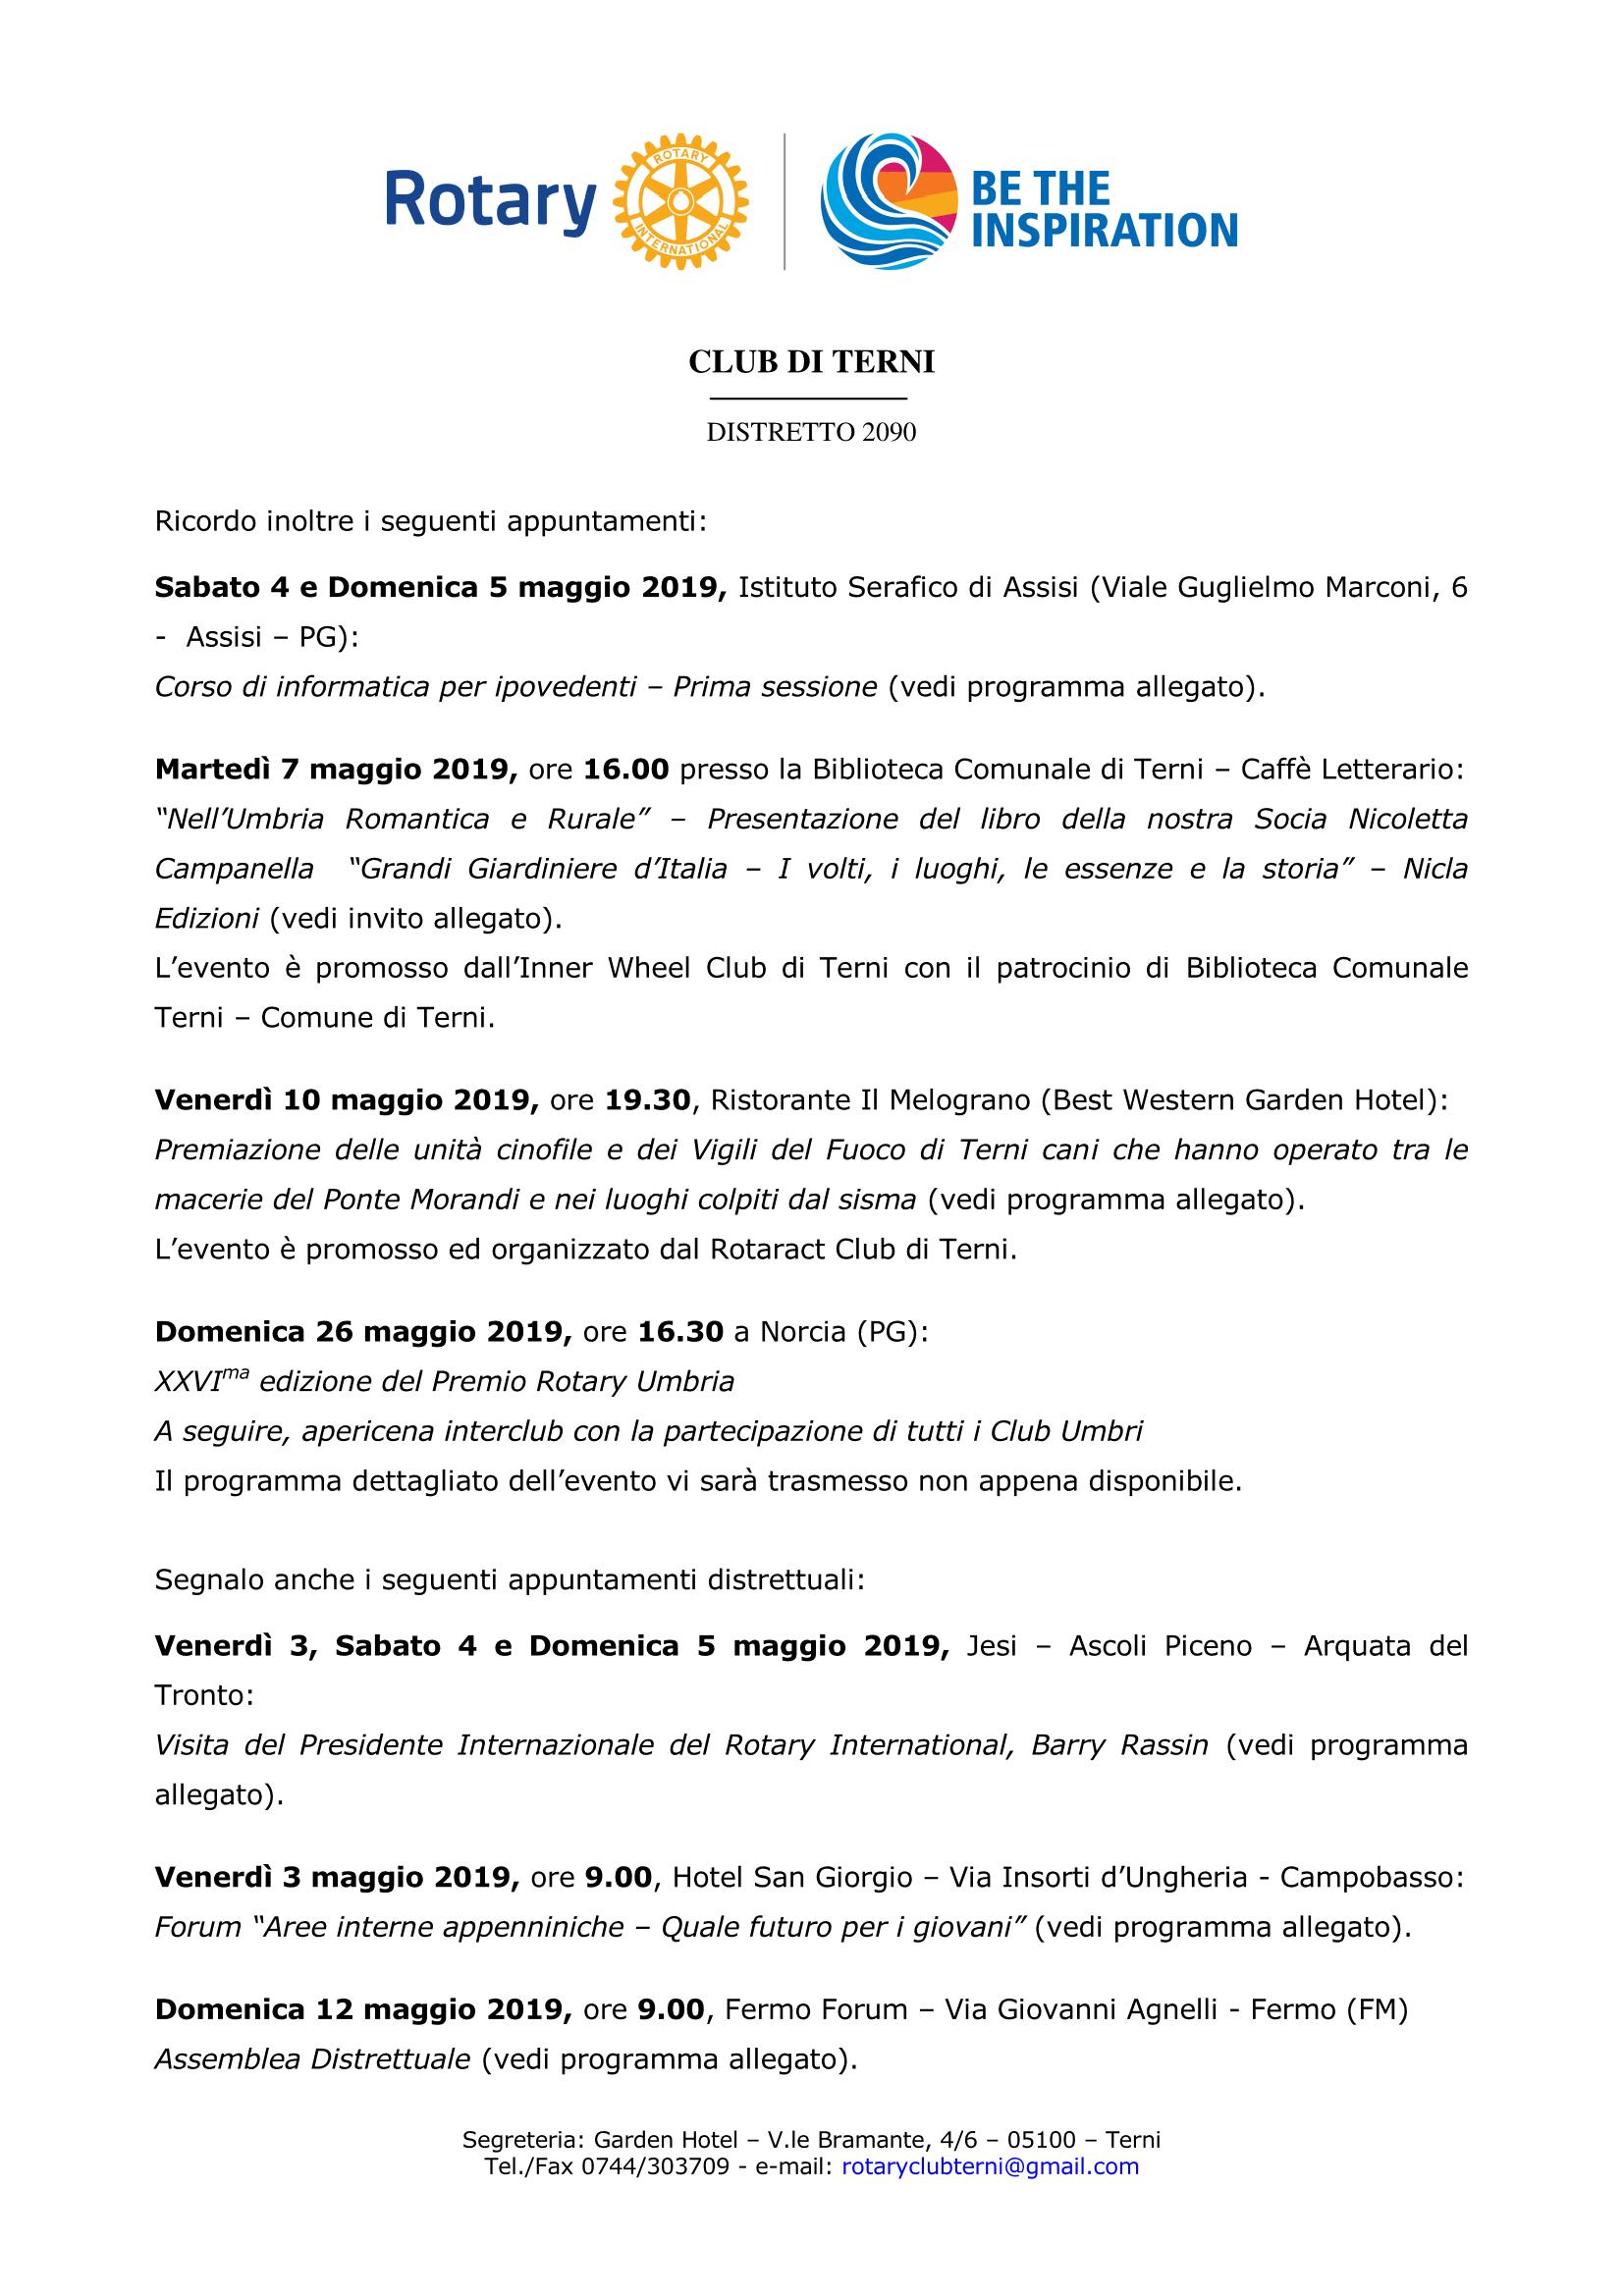 2019_05-RC Terni-Programma Maggio 2019_Page_2